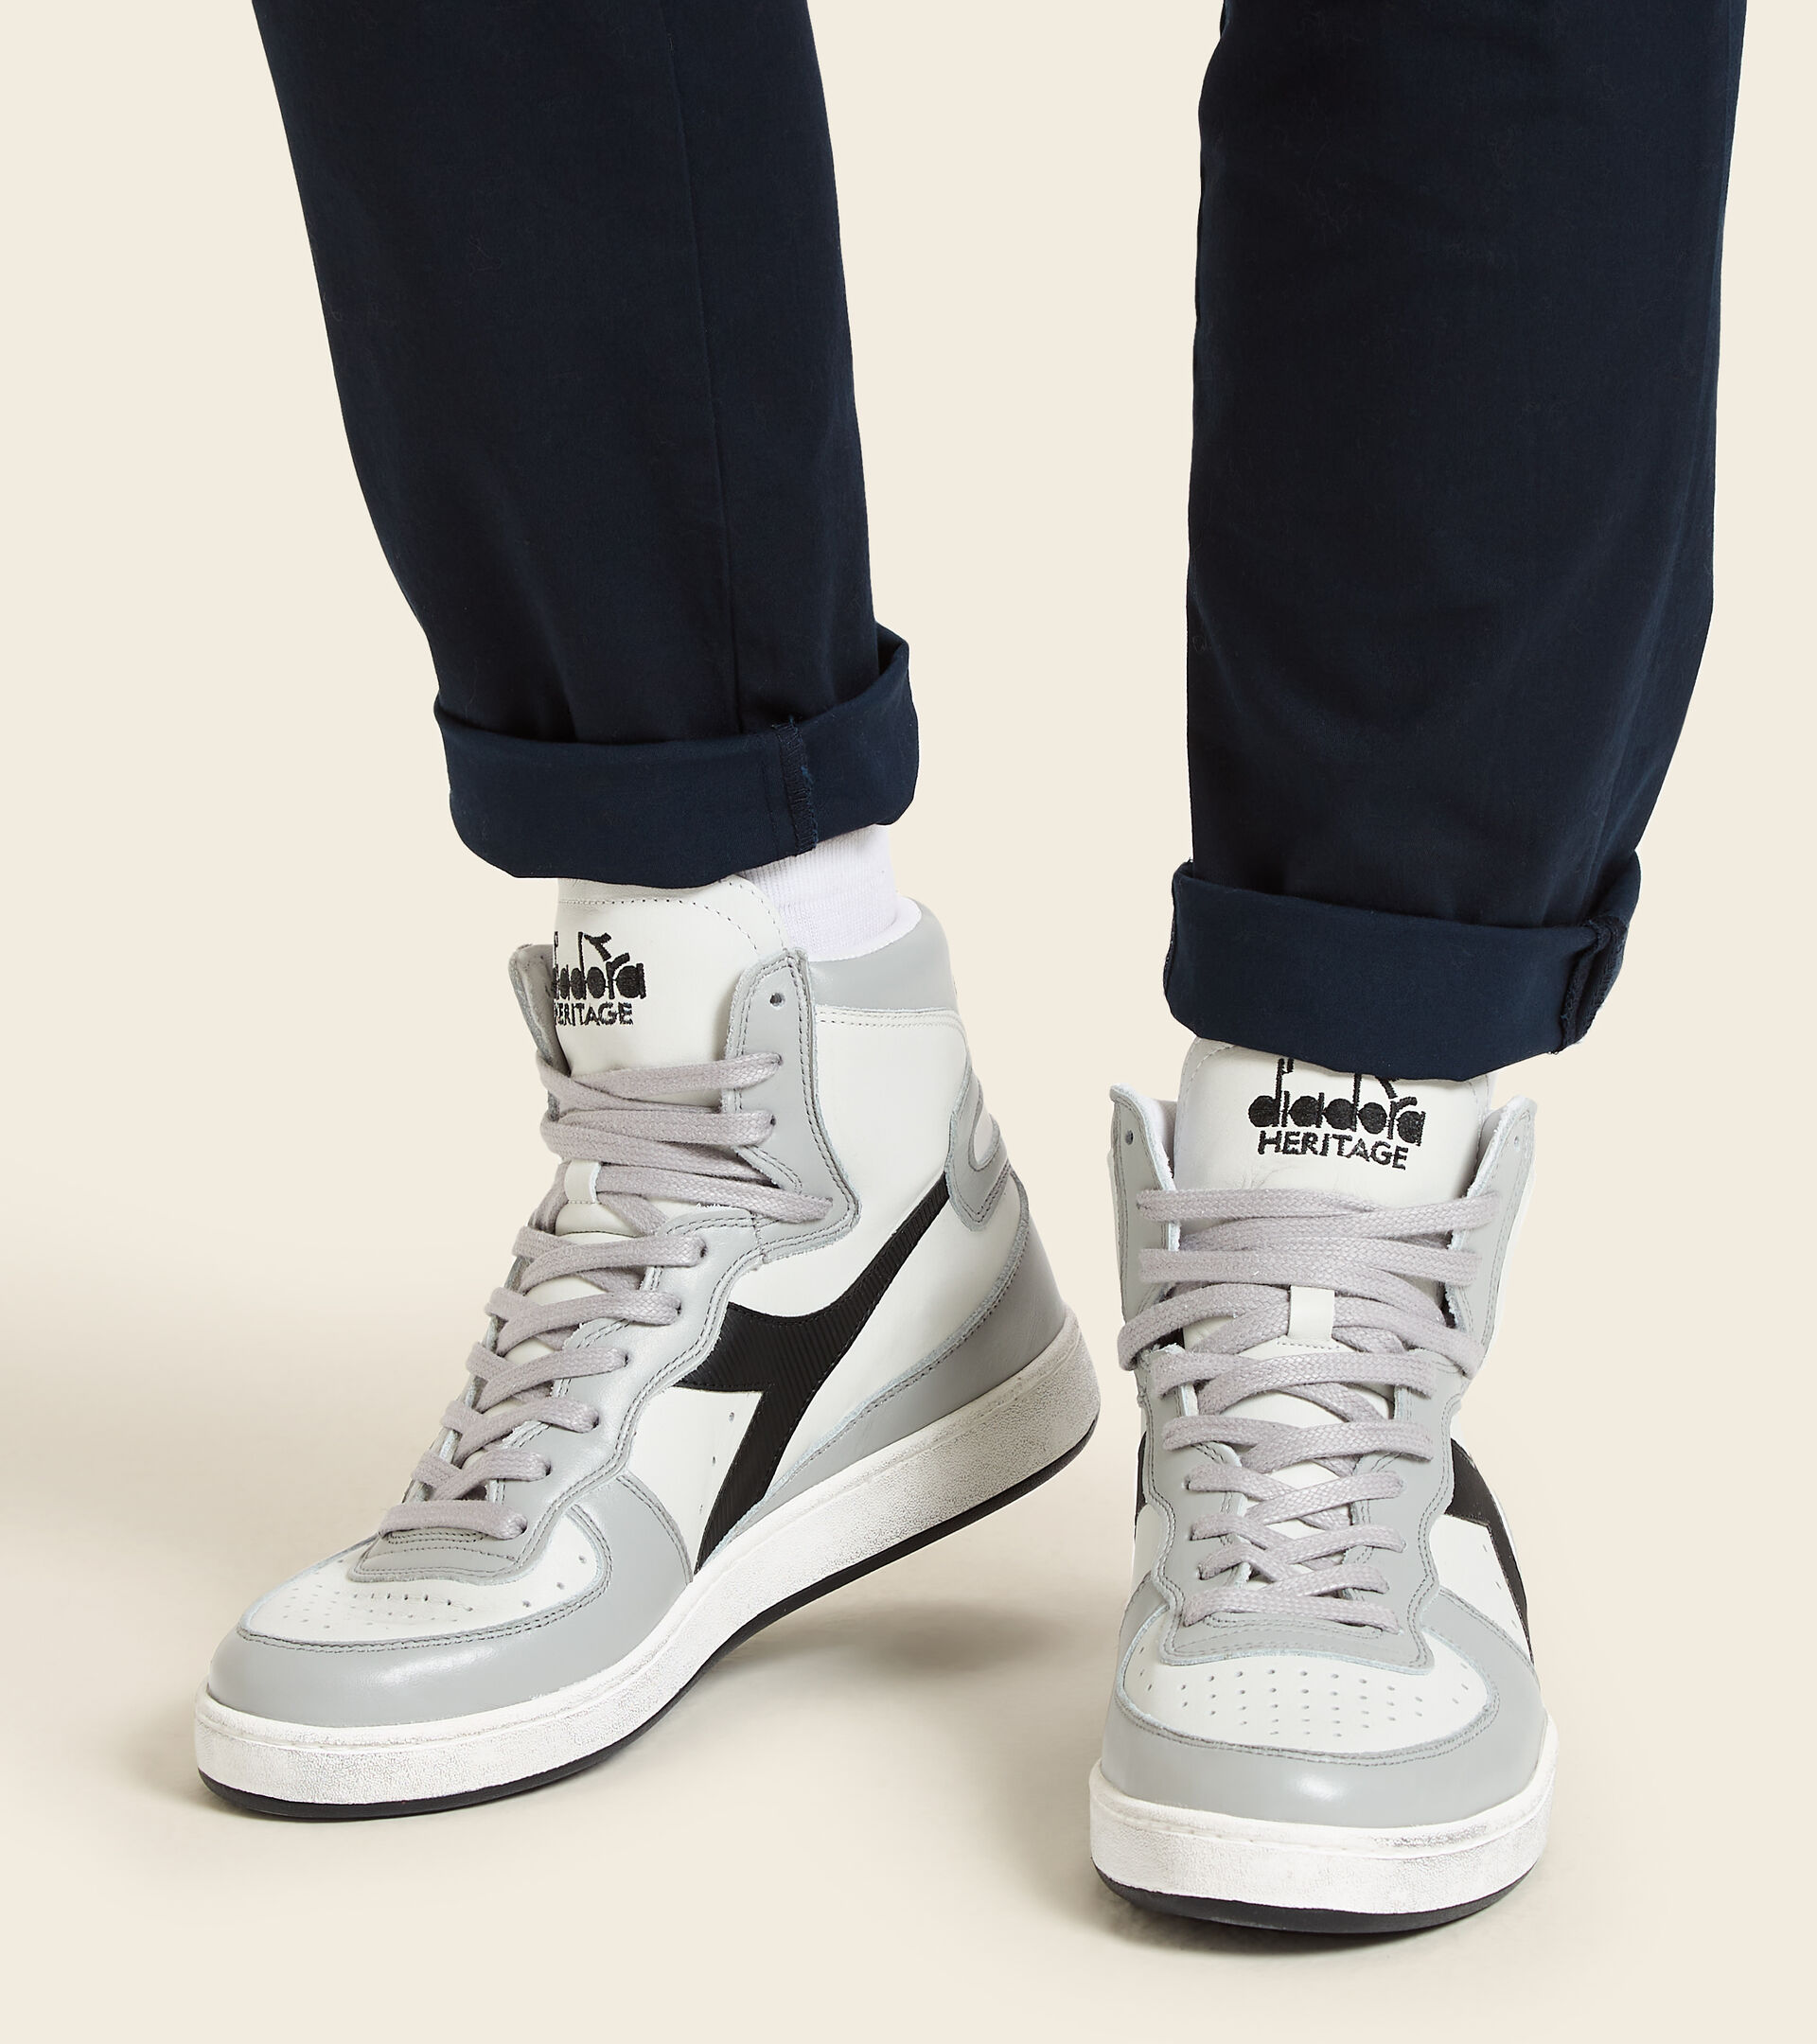 Footwear Heritage UNISEX MI BASKET USED BLCO/EDIFICIOS ALTOS/NEGRO Diadora